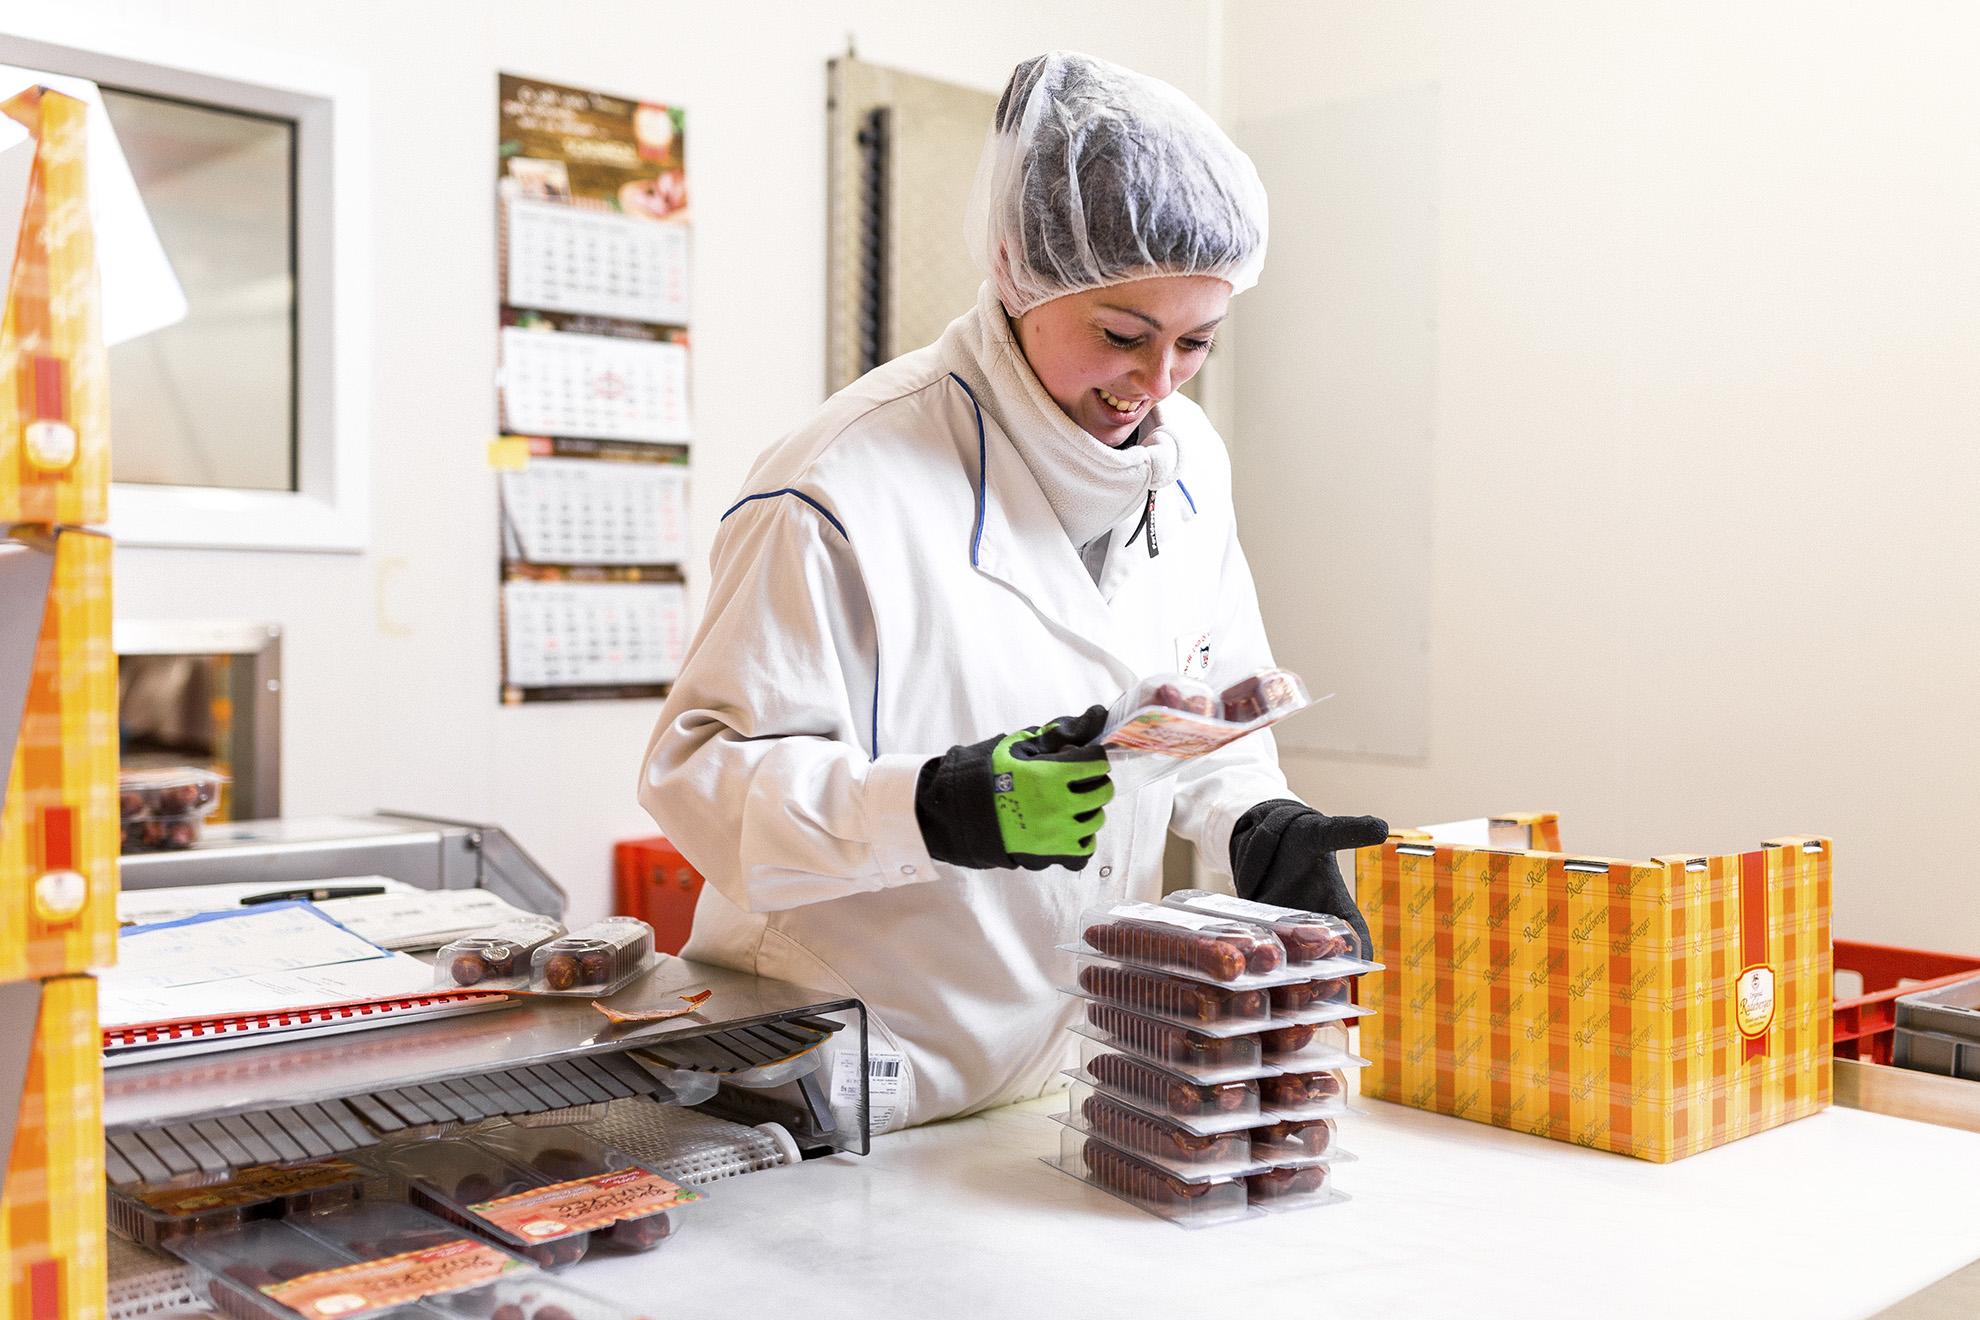 Junge Mitarbeiterin in der Verpackung konfektioniert Ware für den Supermarkt